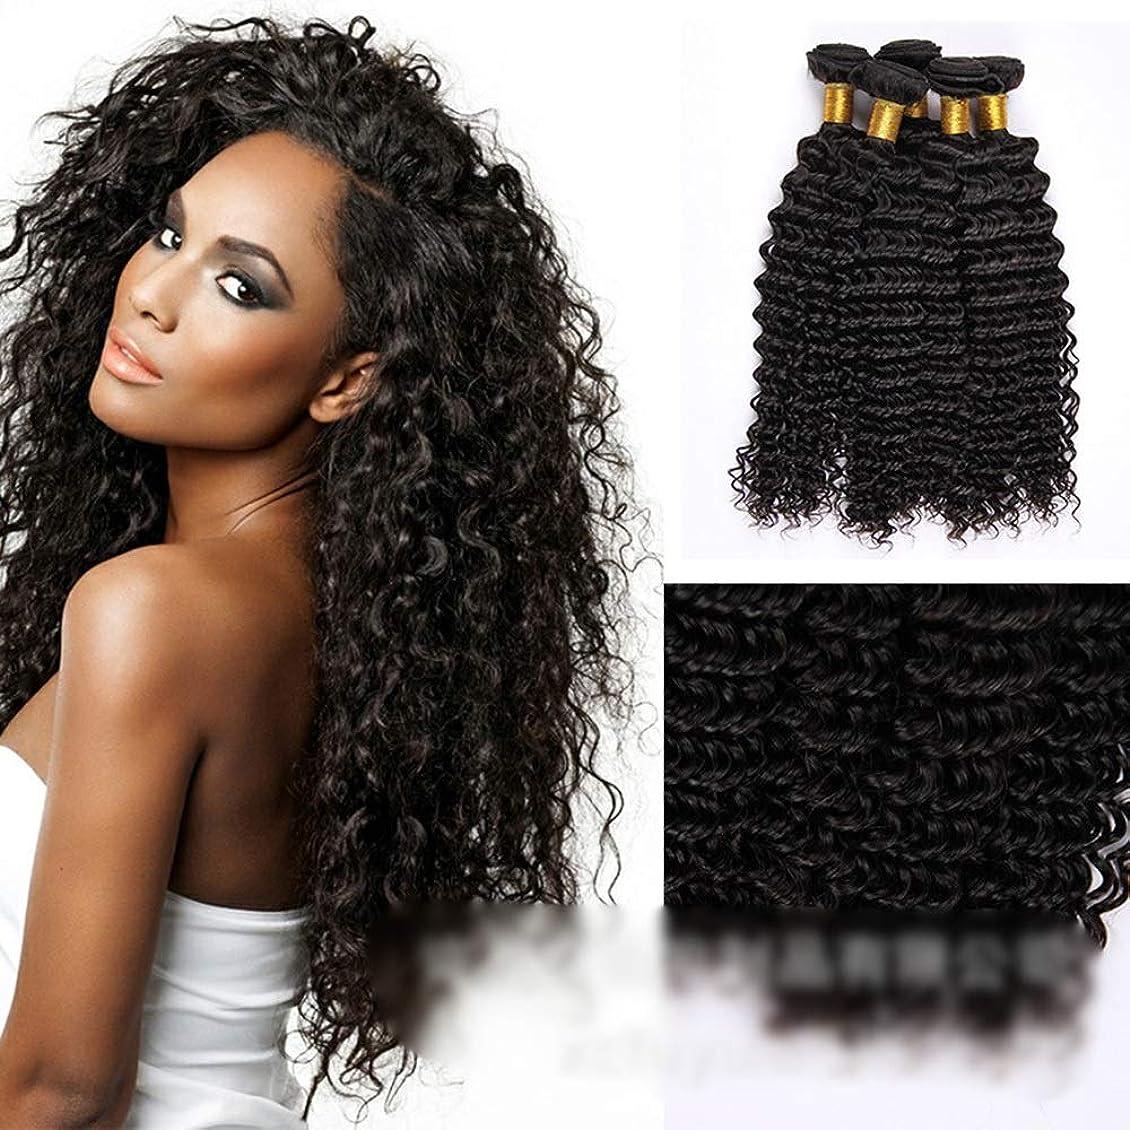 可動式オリエンタルソースIsikawan 髪織りナチュラルブラックカラーヘアエクステンション(1バンドル、10